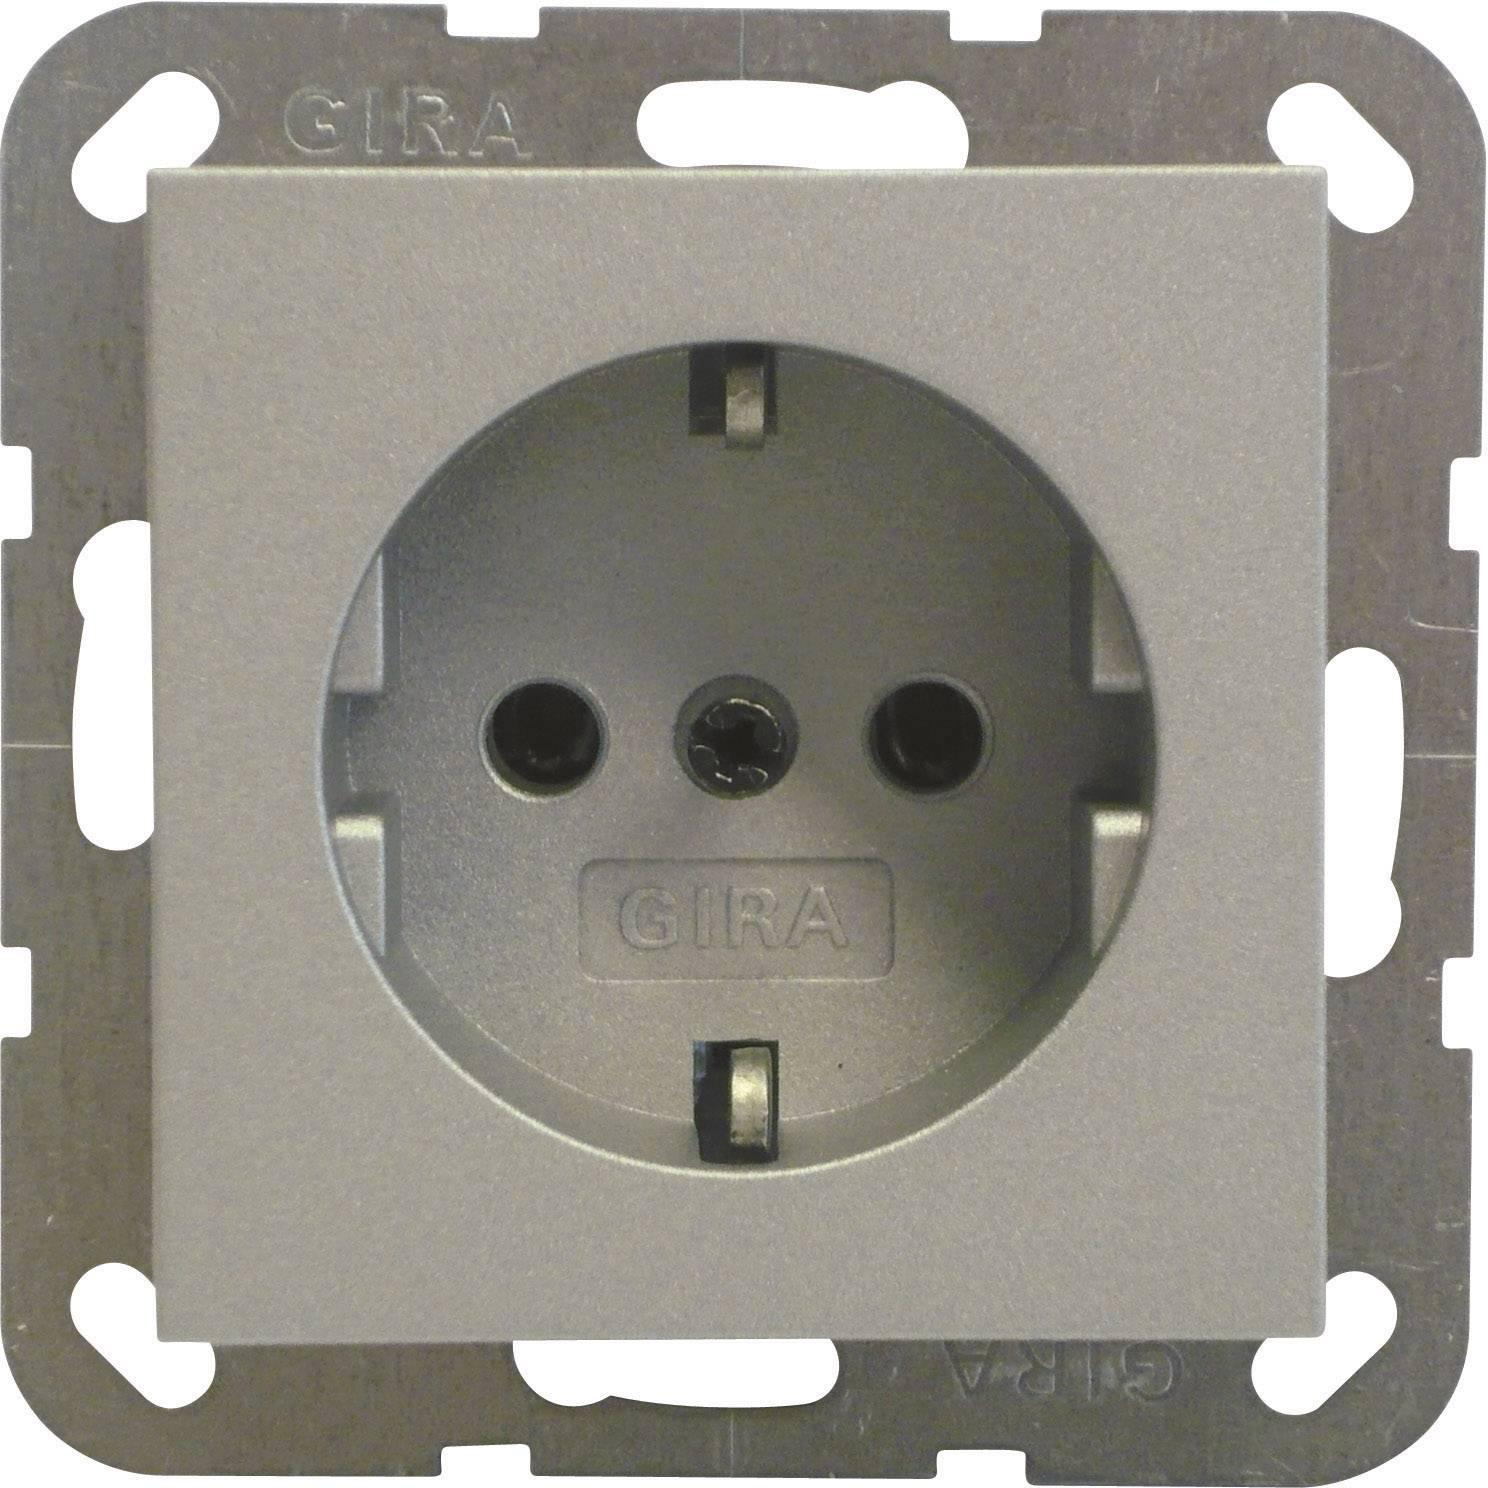 GIRA Einsatz Schutzkontakt-Steckdose System 55, Standard 55, E2, Event,  Event Klar, Event Opak, Esprit, ClassiX Alumini